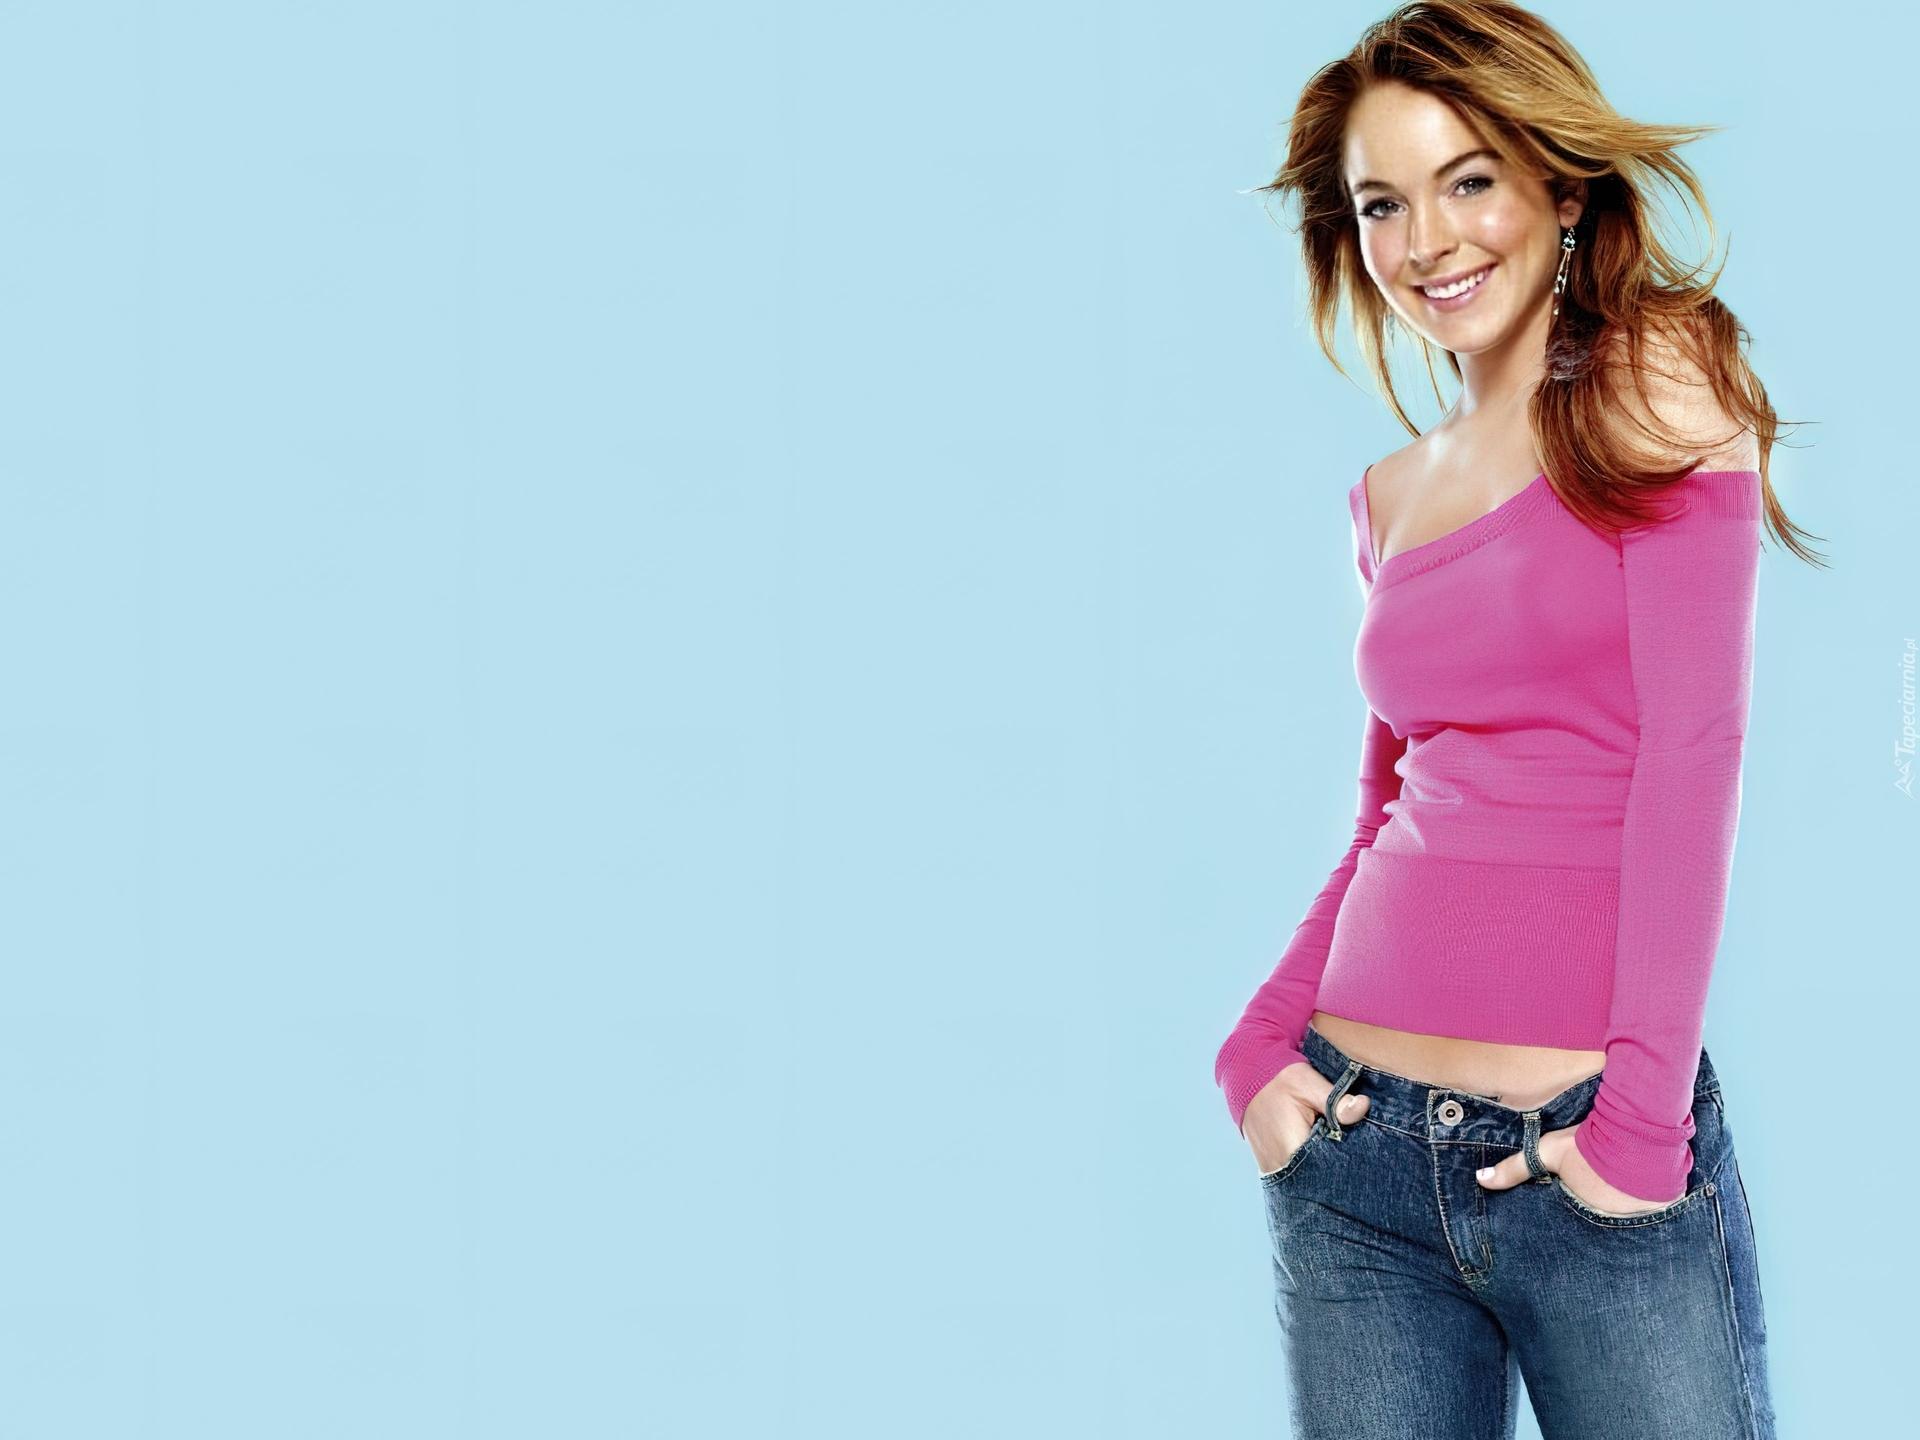 12196 lindsay lohan jpg Lindsay Lohan